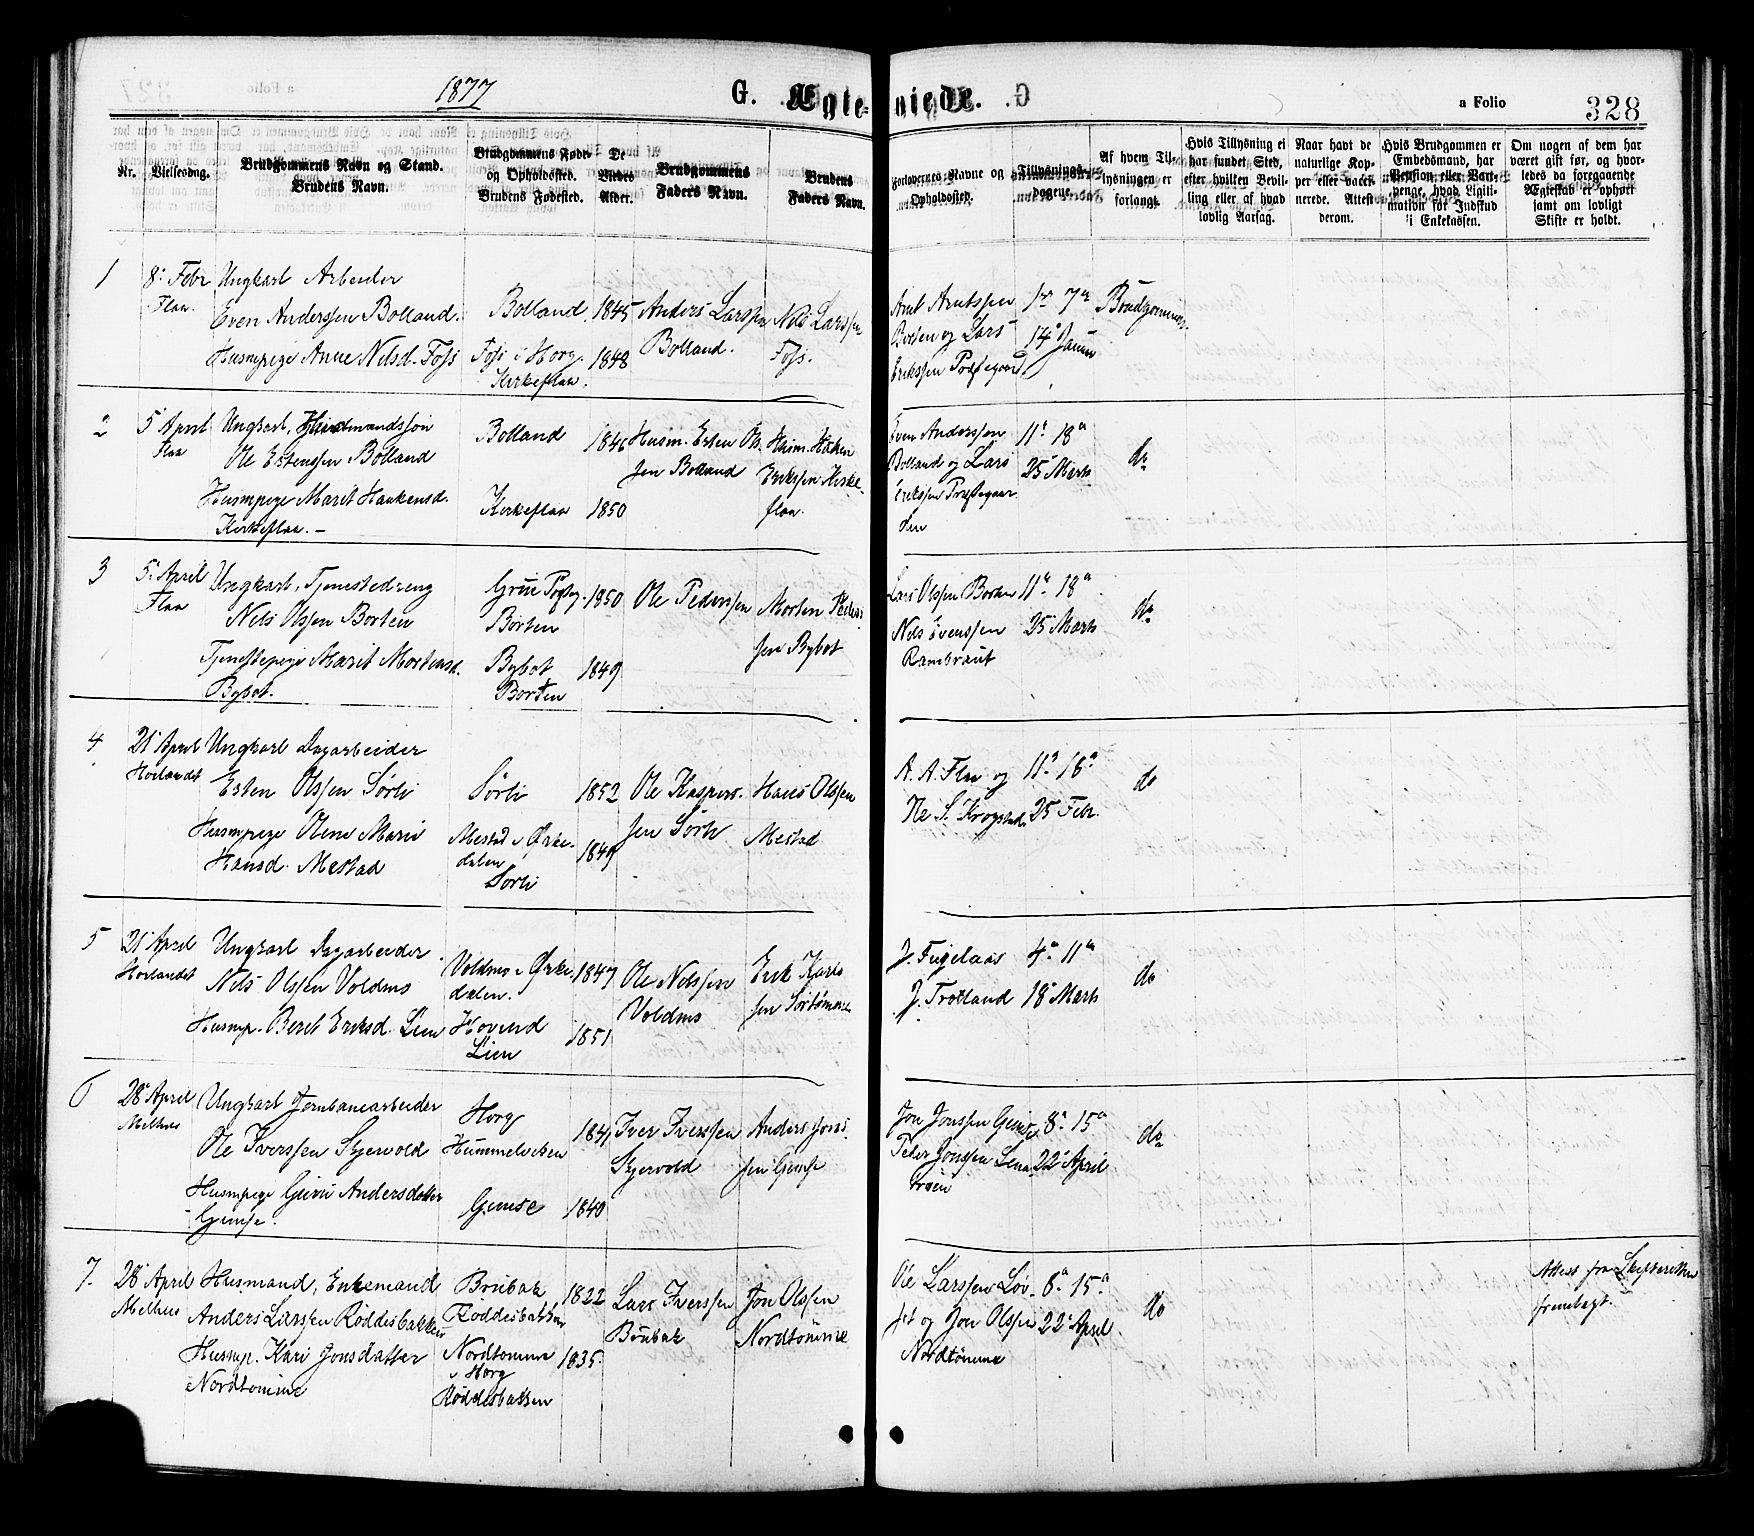 SAT, Ministerialprotokoller, klokkerbøker og fødselsregistre - Sør-Trøndelag, 691/L1079: Ministerialbok nr. 691A11, 1873-1886, s. 328